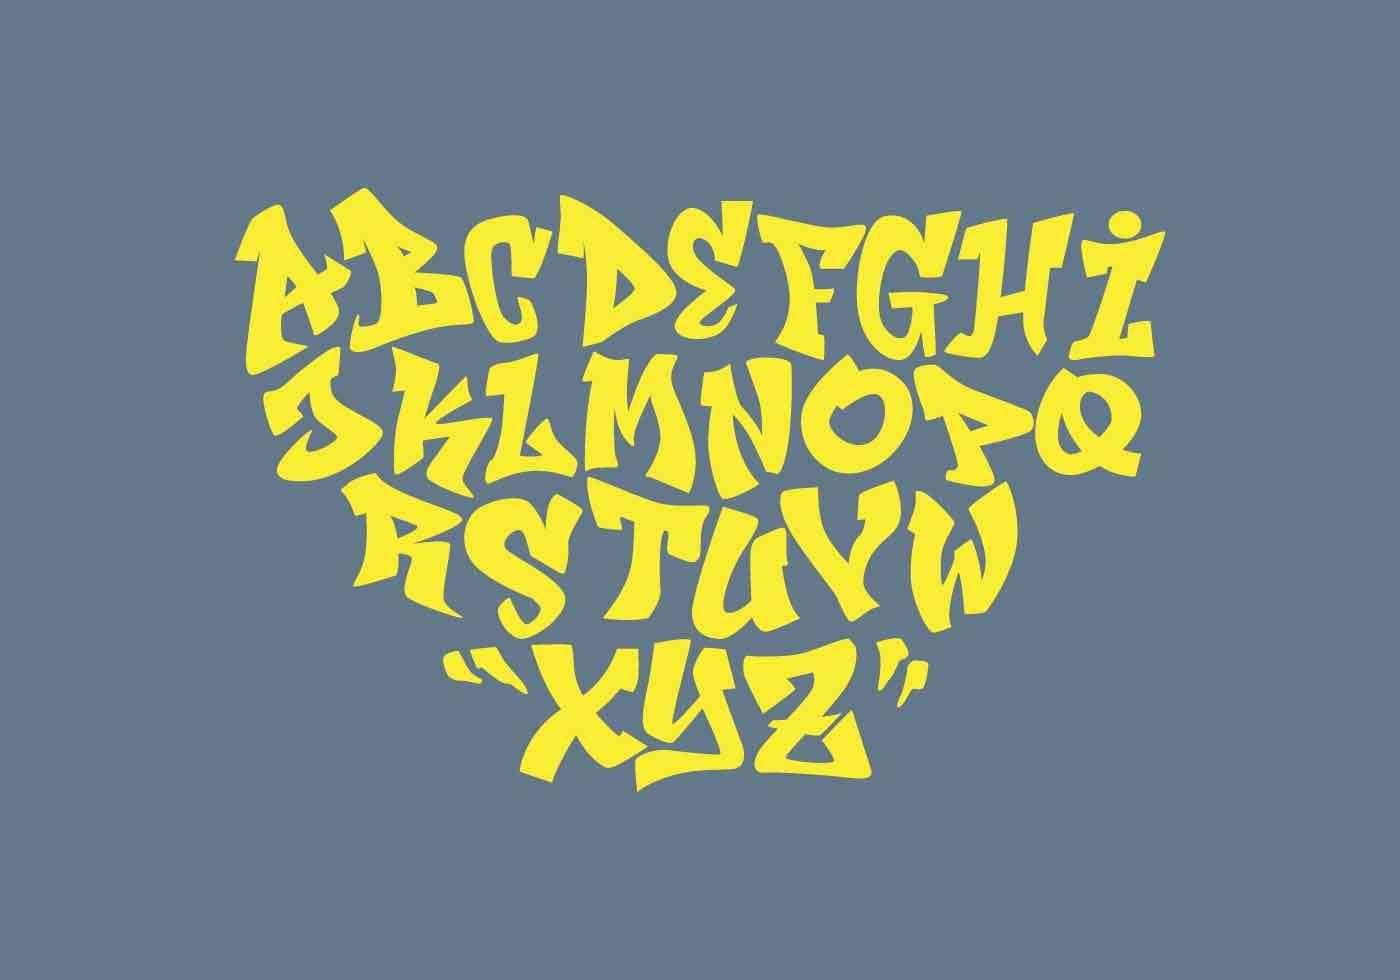 Graffiti Alphabet Vector Illustration - Download Free Vector Art ...